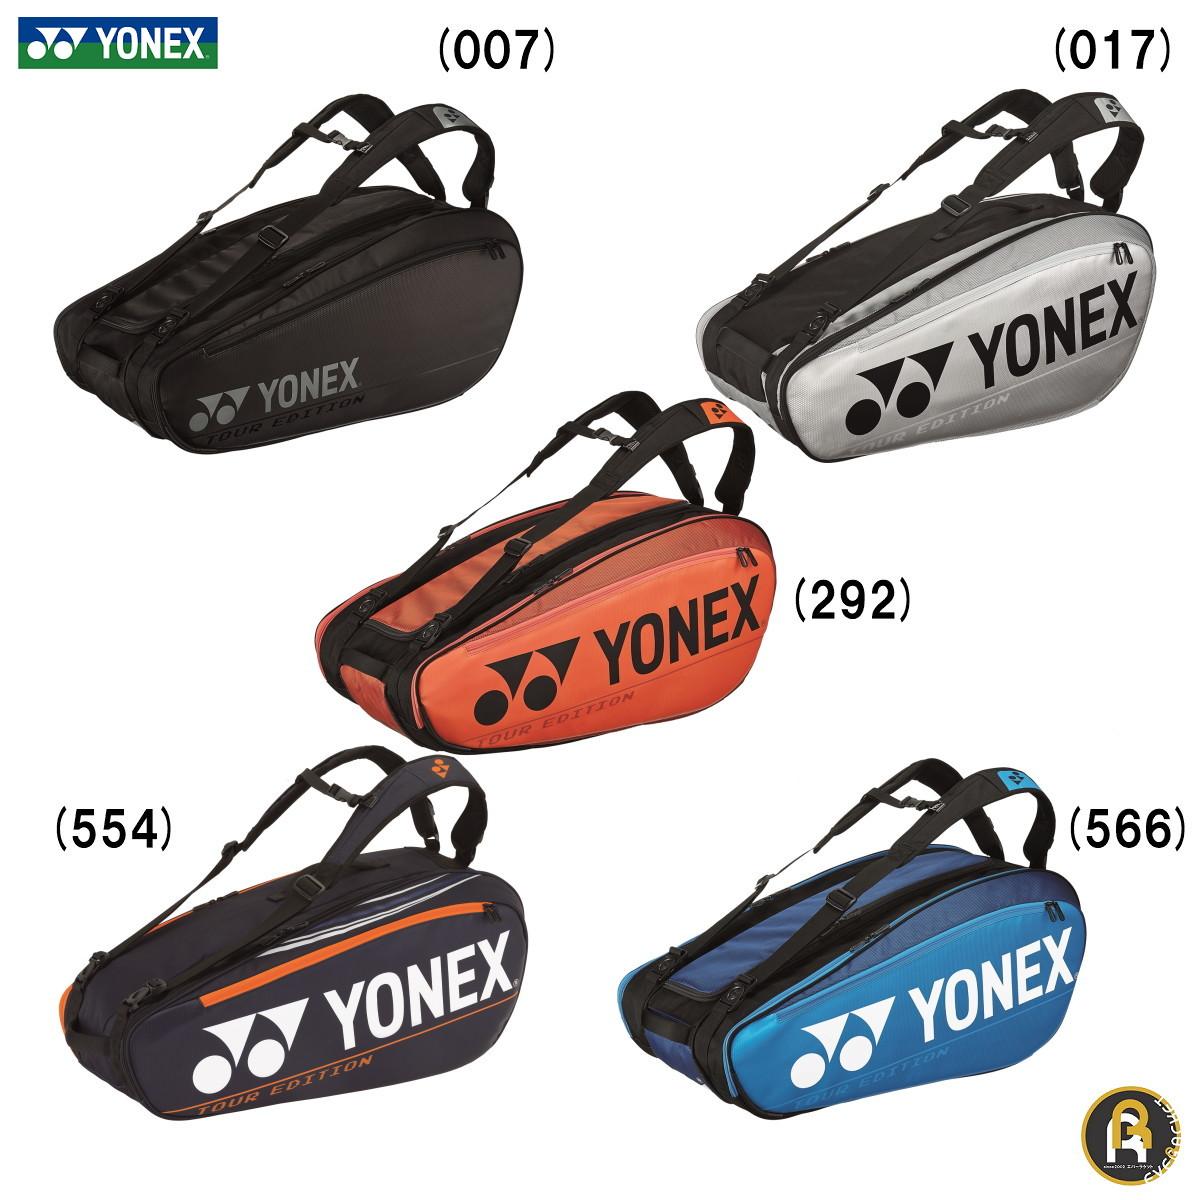 ヨネックス YONEX バッグ ラケットバッグ6 BAG2002R バドミントン・テニス